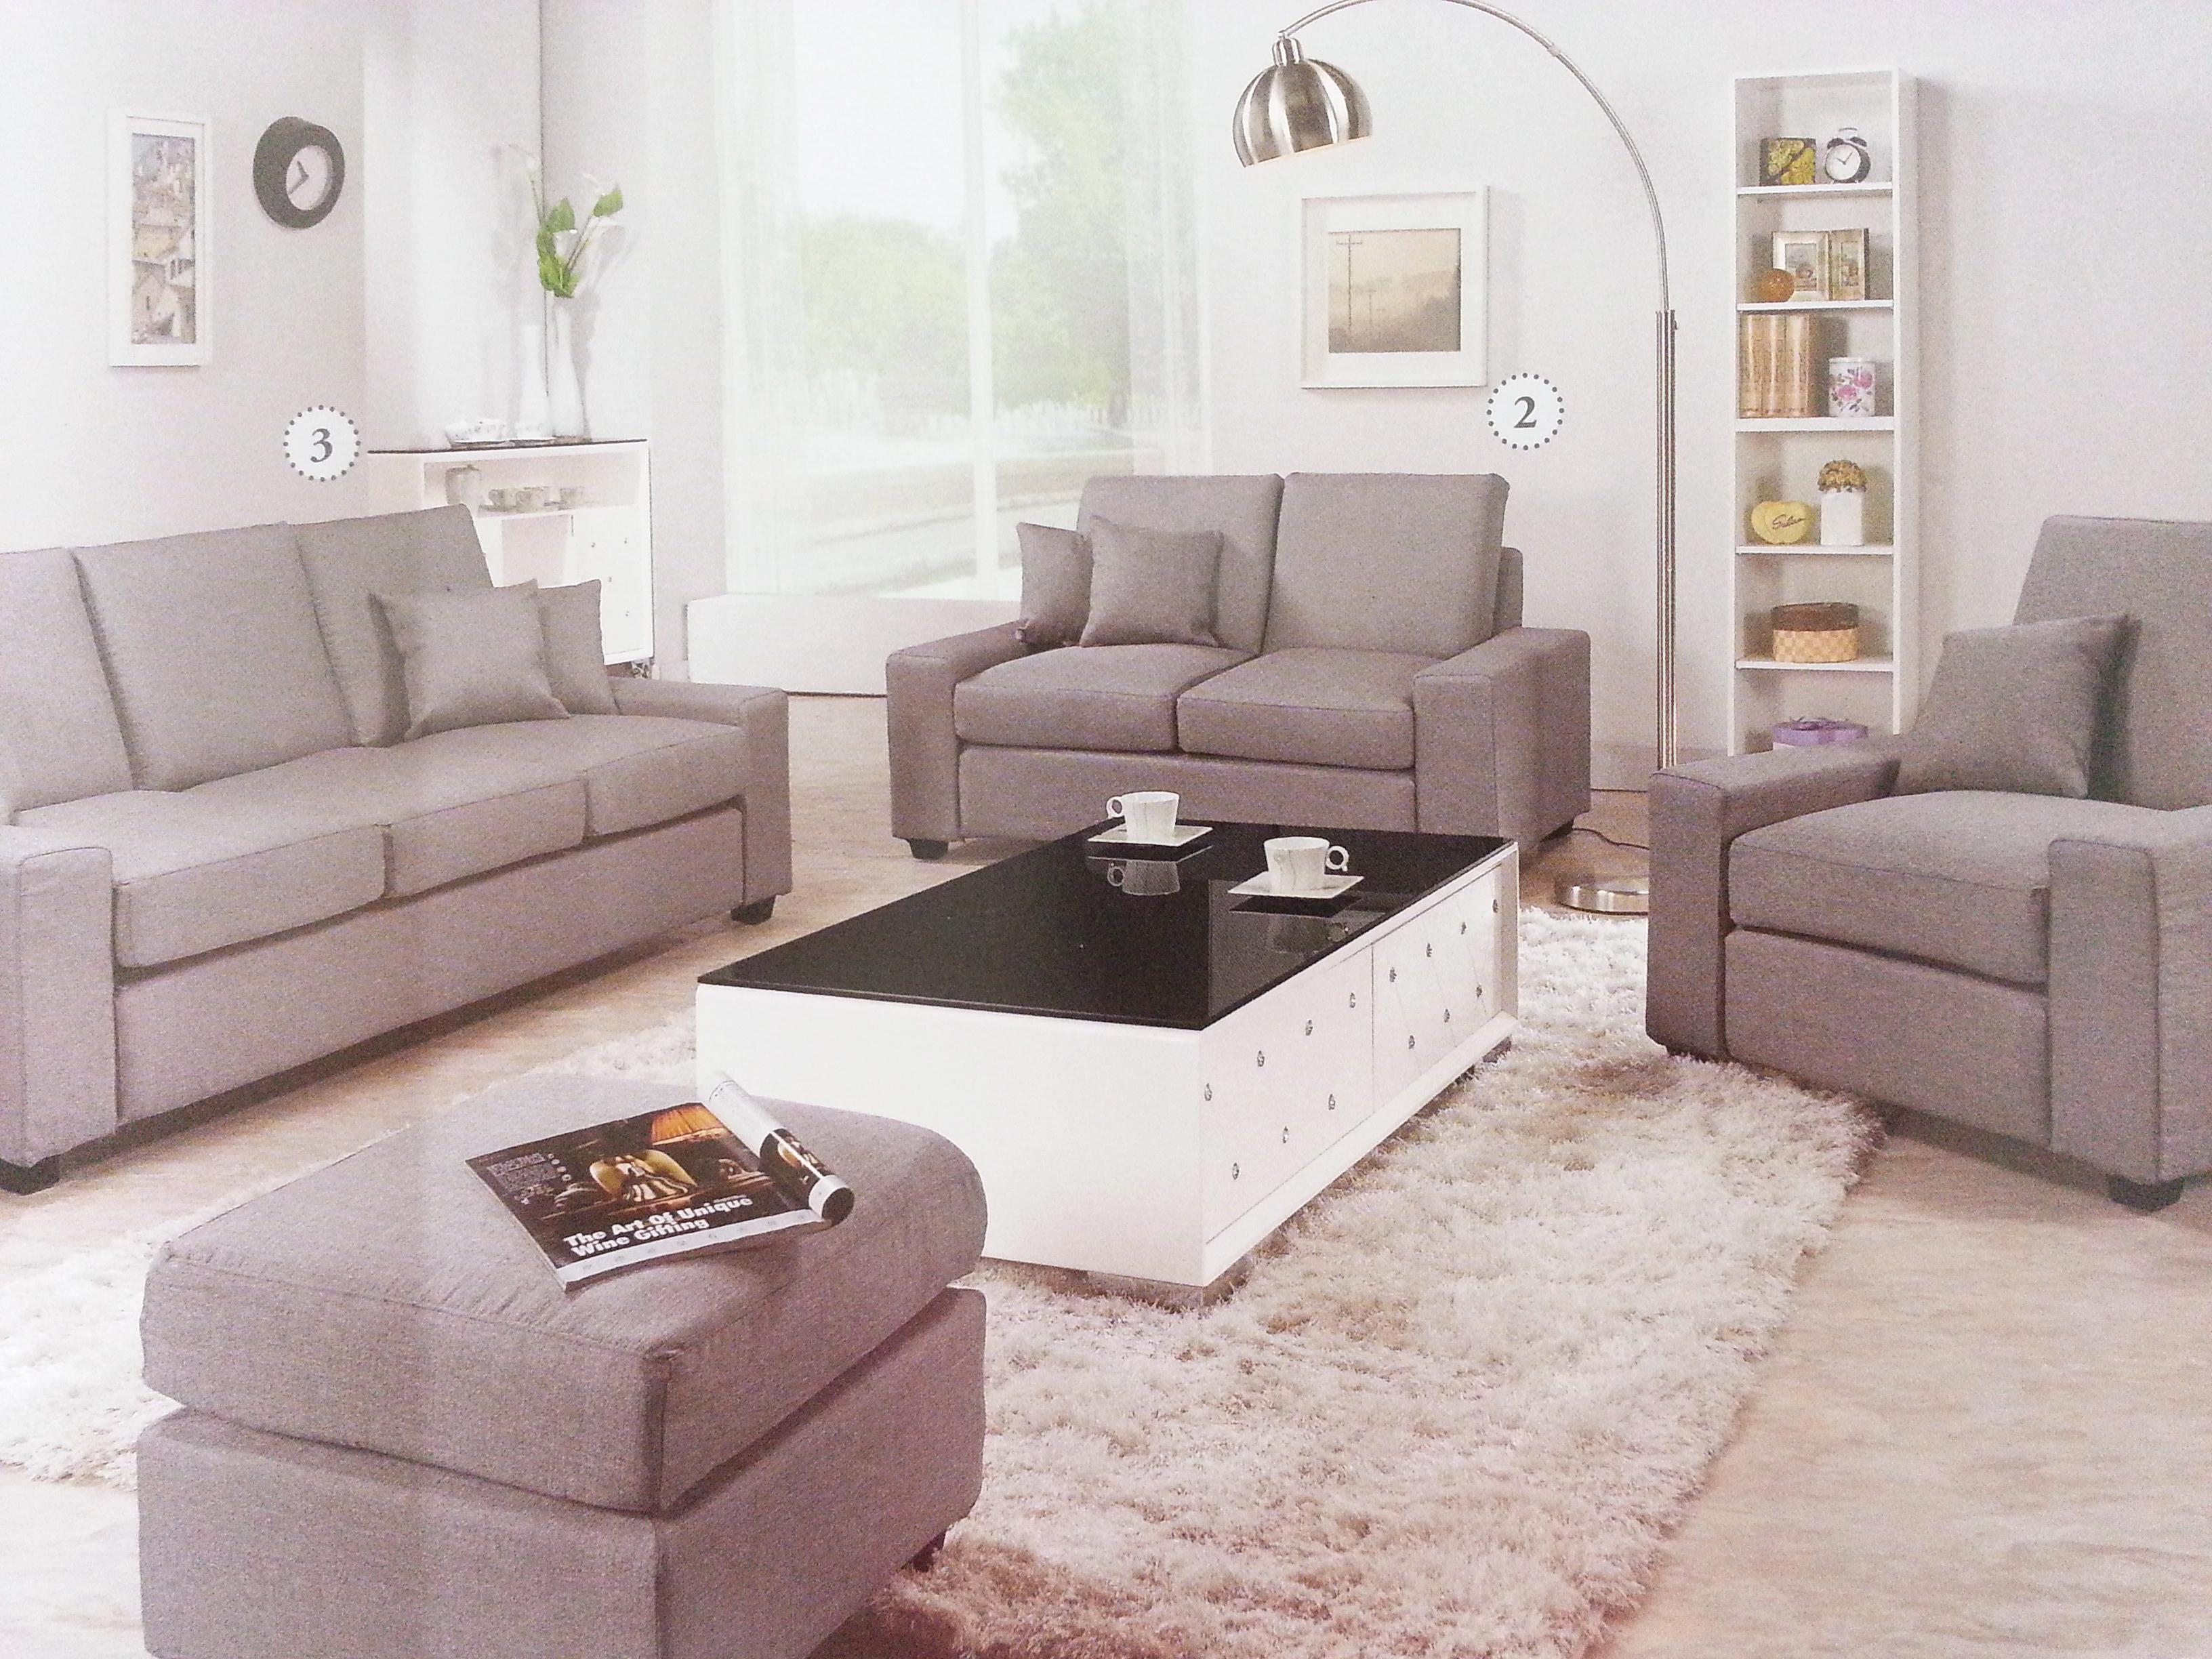 客廳系列-沙發1.jpg